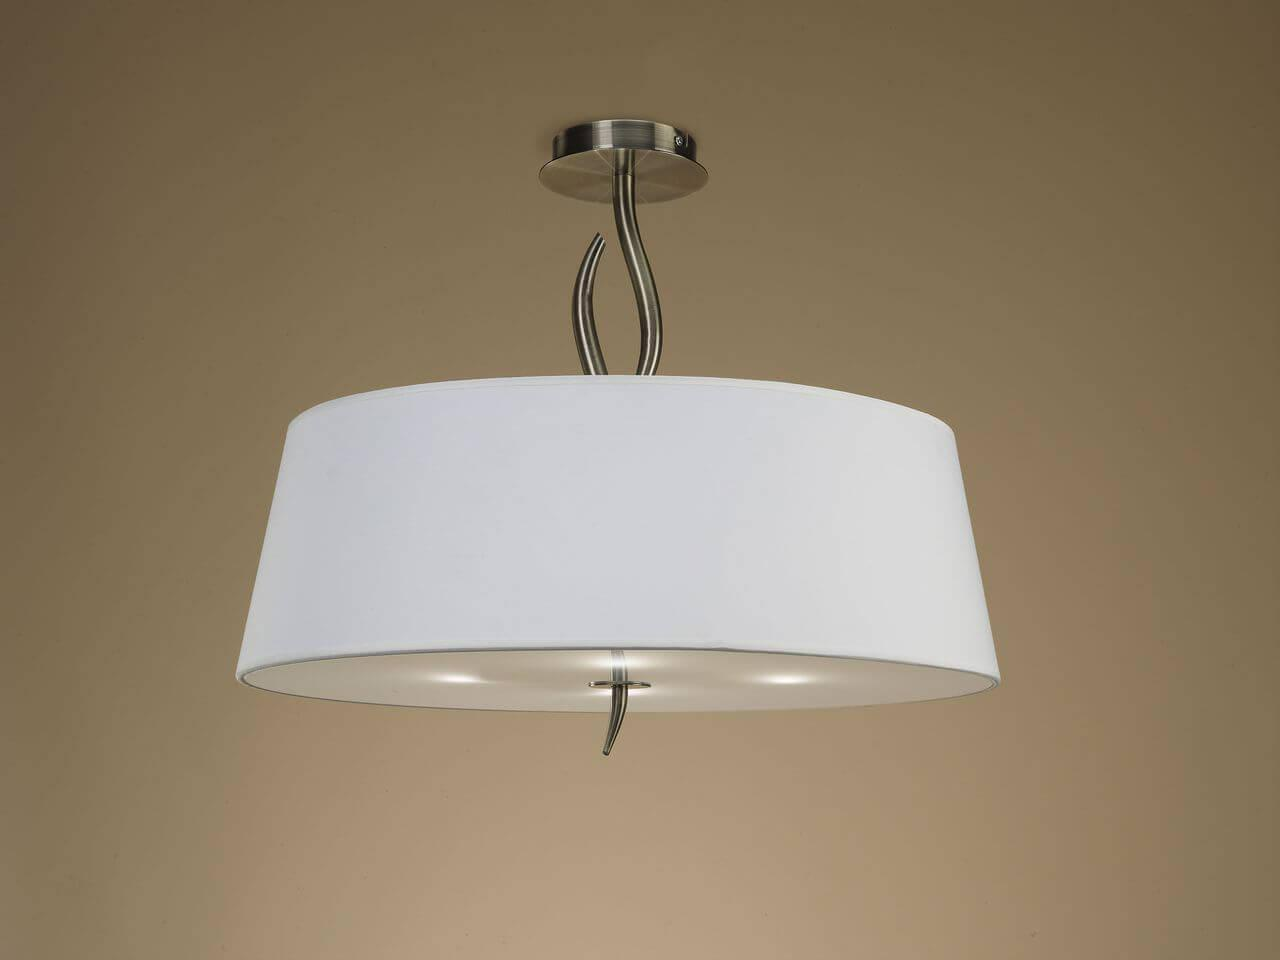 Потолочный светильник Mantra 1928, E27, 20 Вт светильник потолочный mantra ninette chrome 1908m